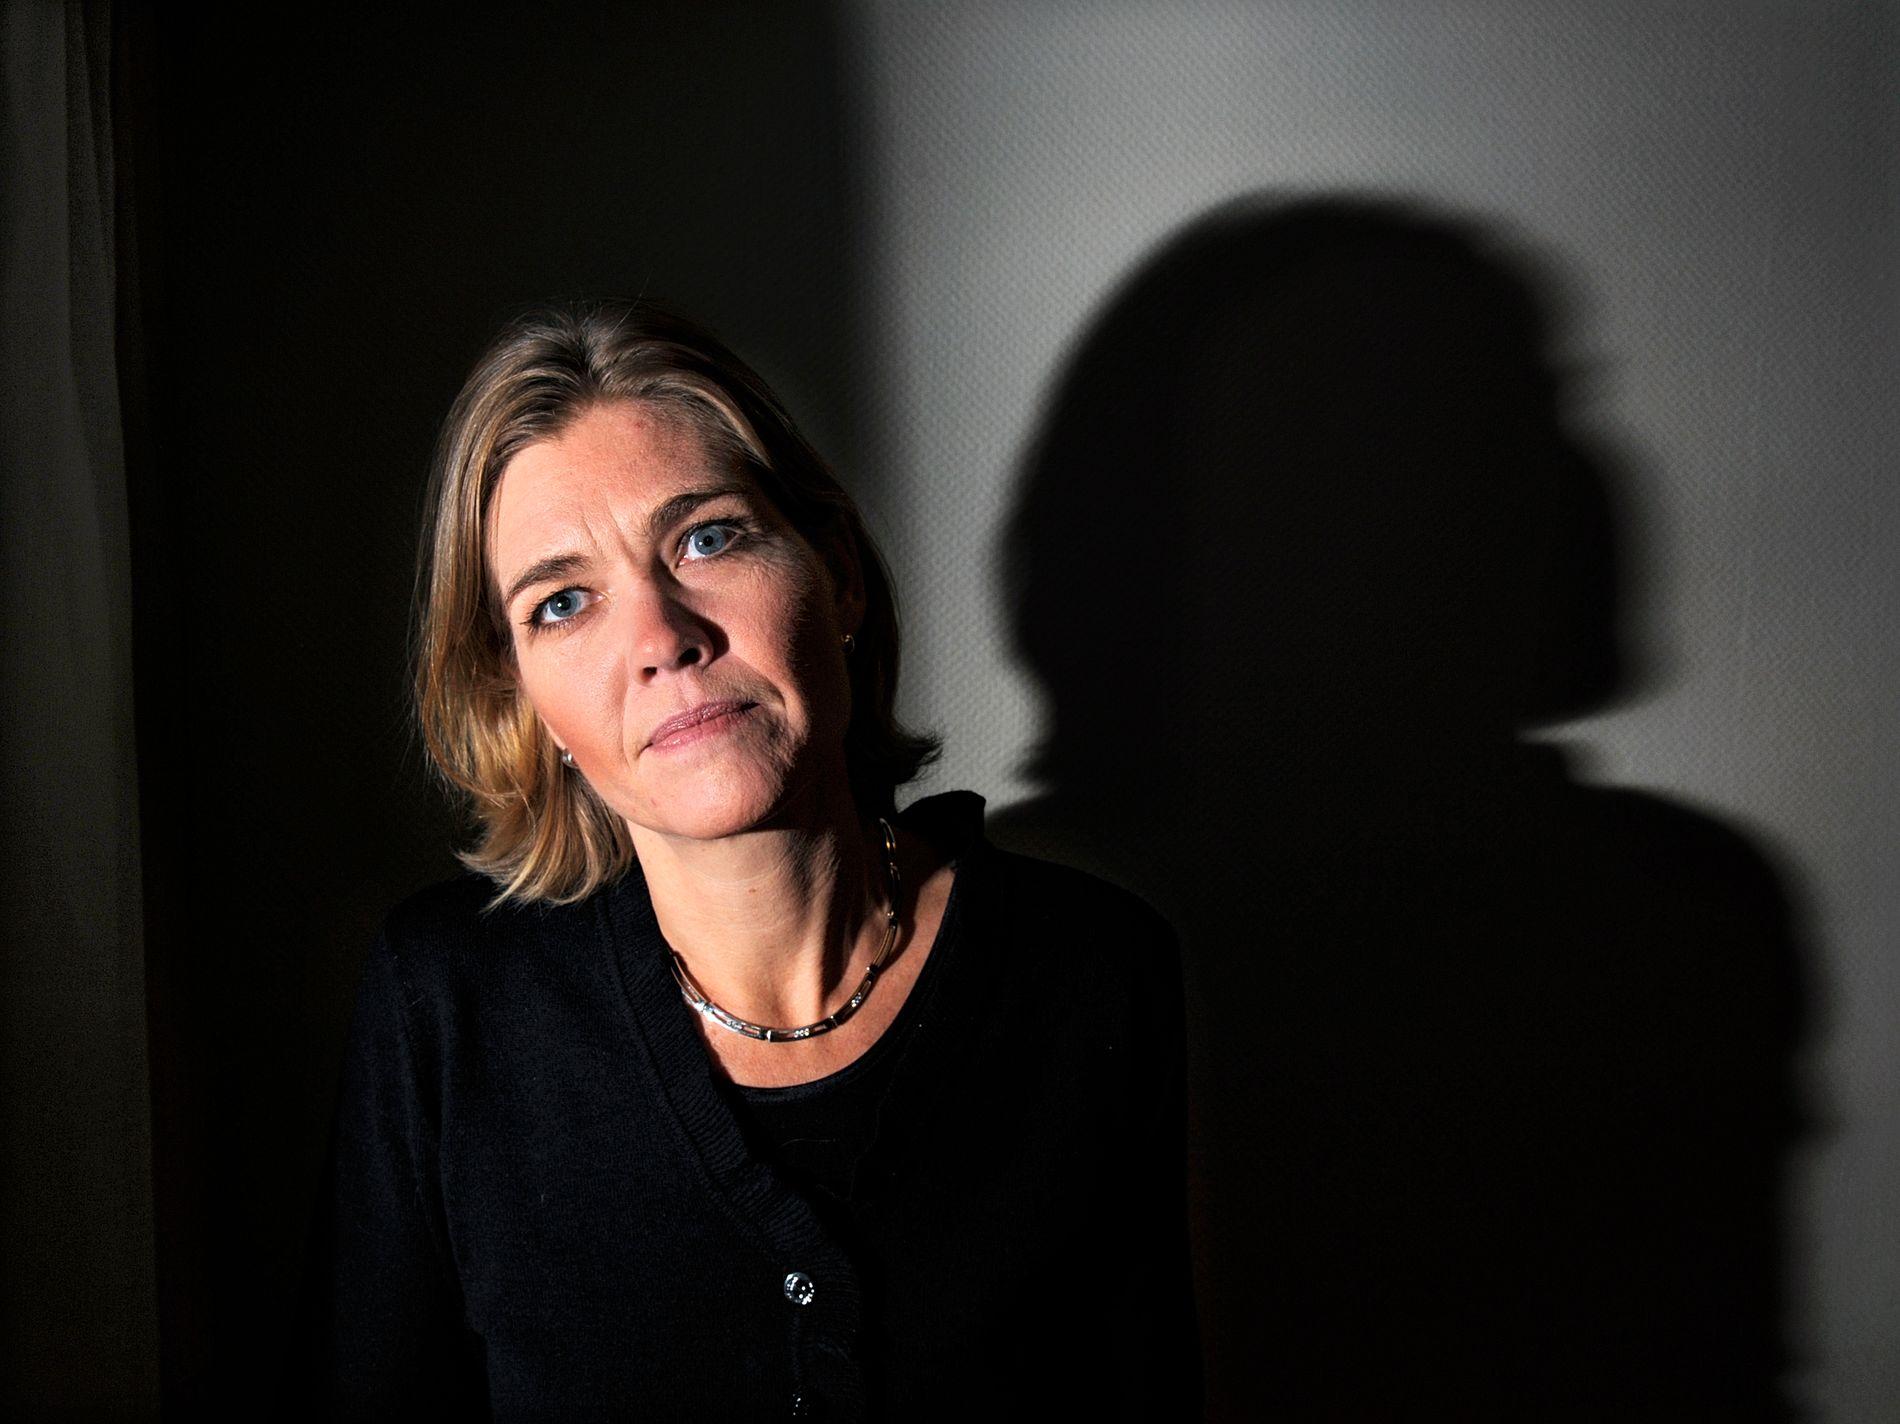 REAGERTE: Guro Slettemark er generalsekretær i Transparency International Norge. Organisasjonen jobber for åpenhet og mot korrupsjon.